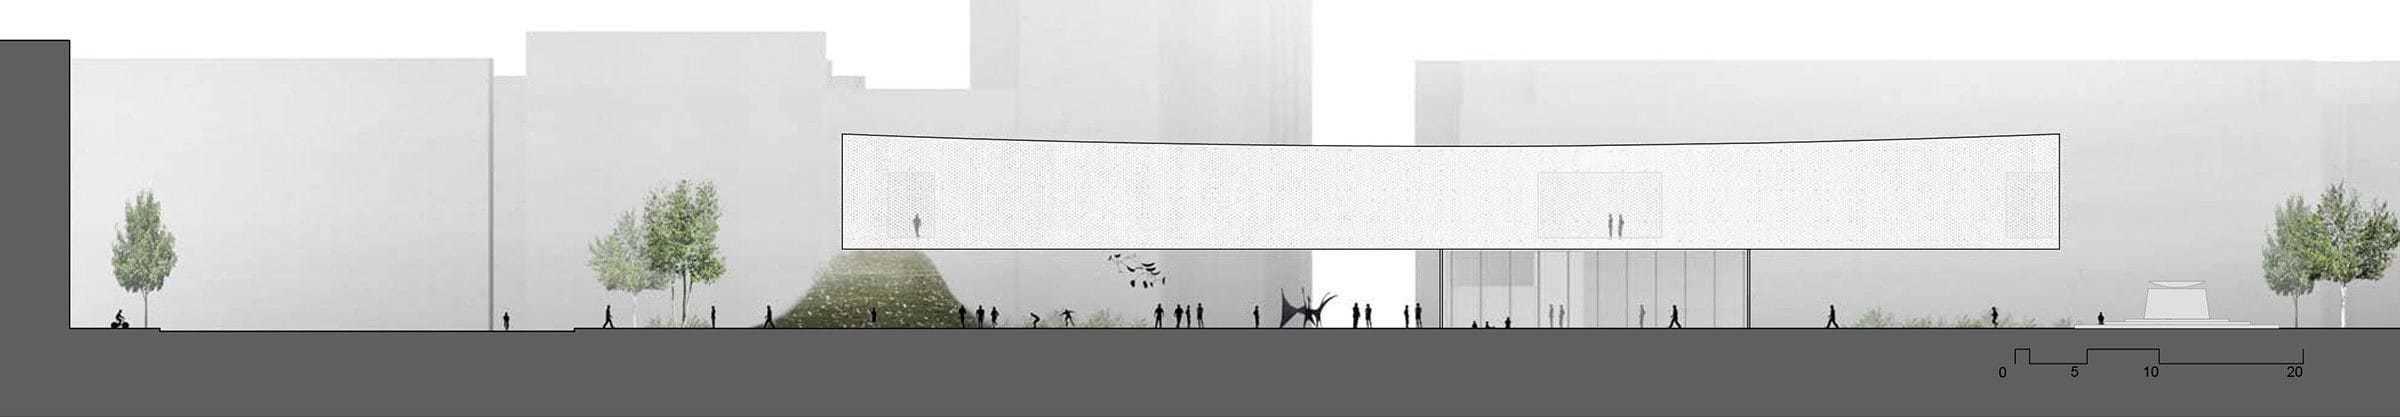 Bauhausmuseum Dessau P 06